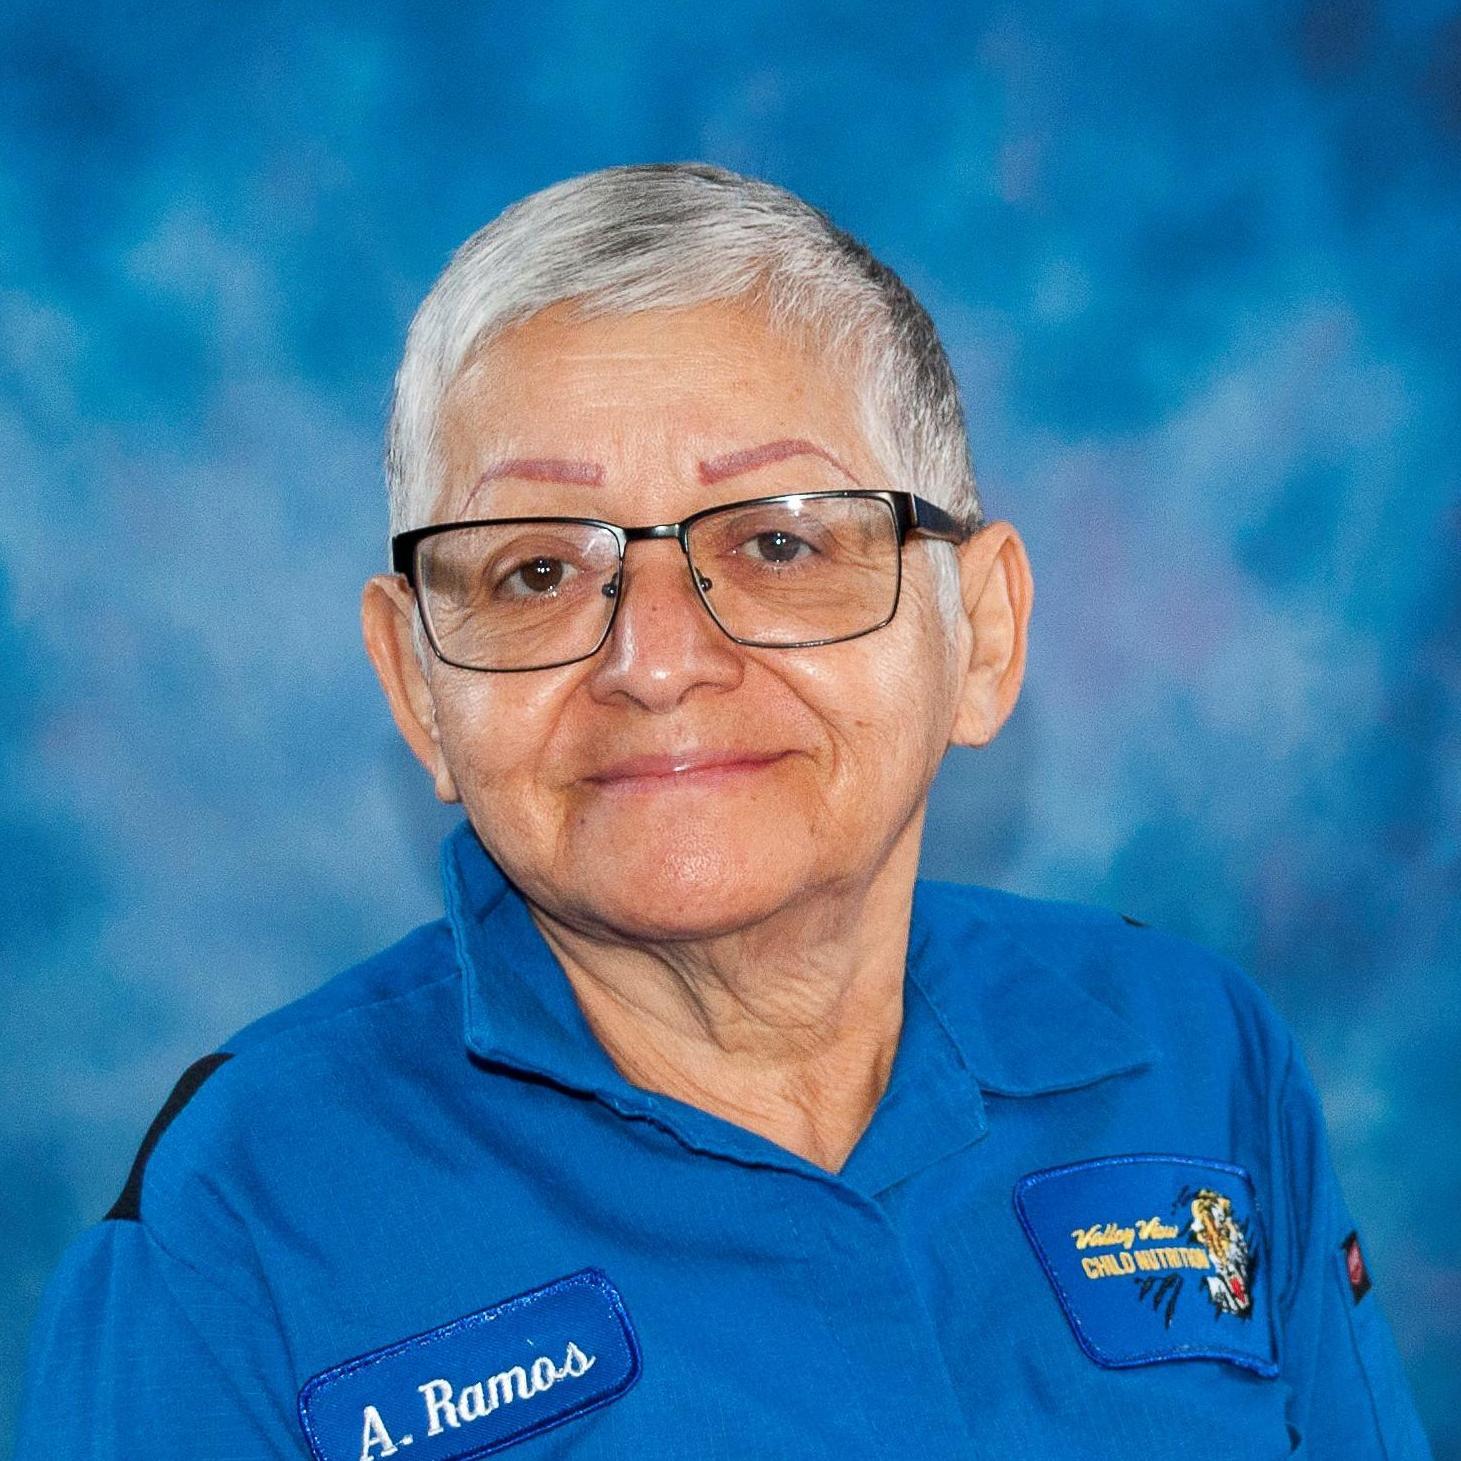 Adeliada Ramos's Profile Photo